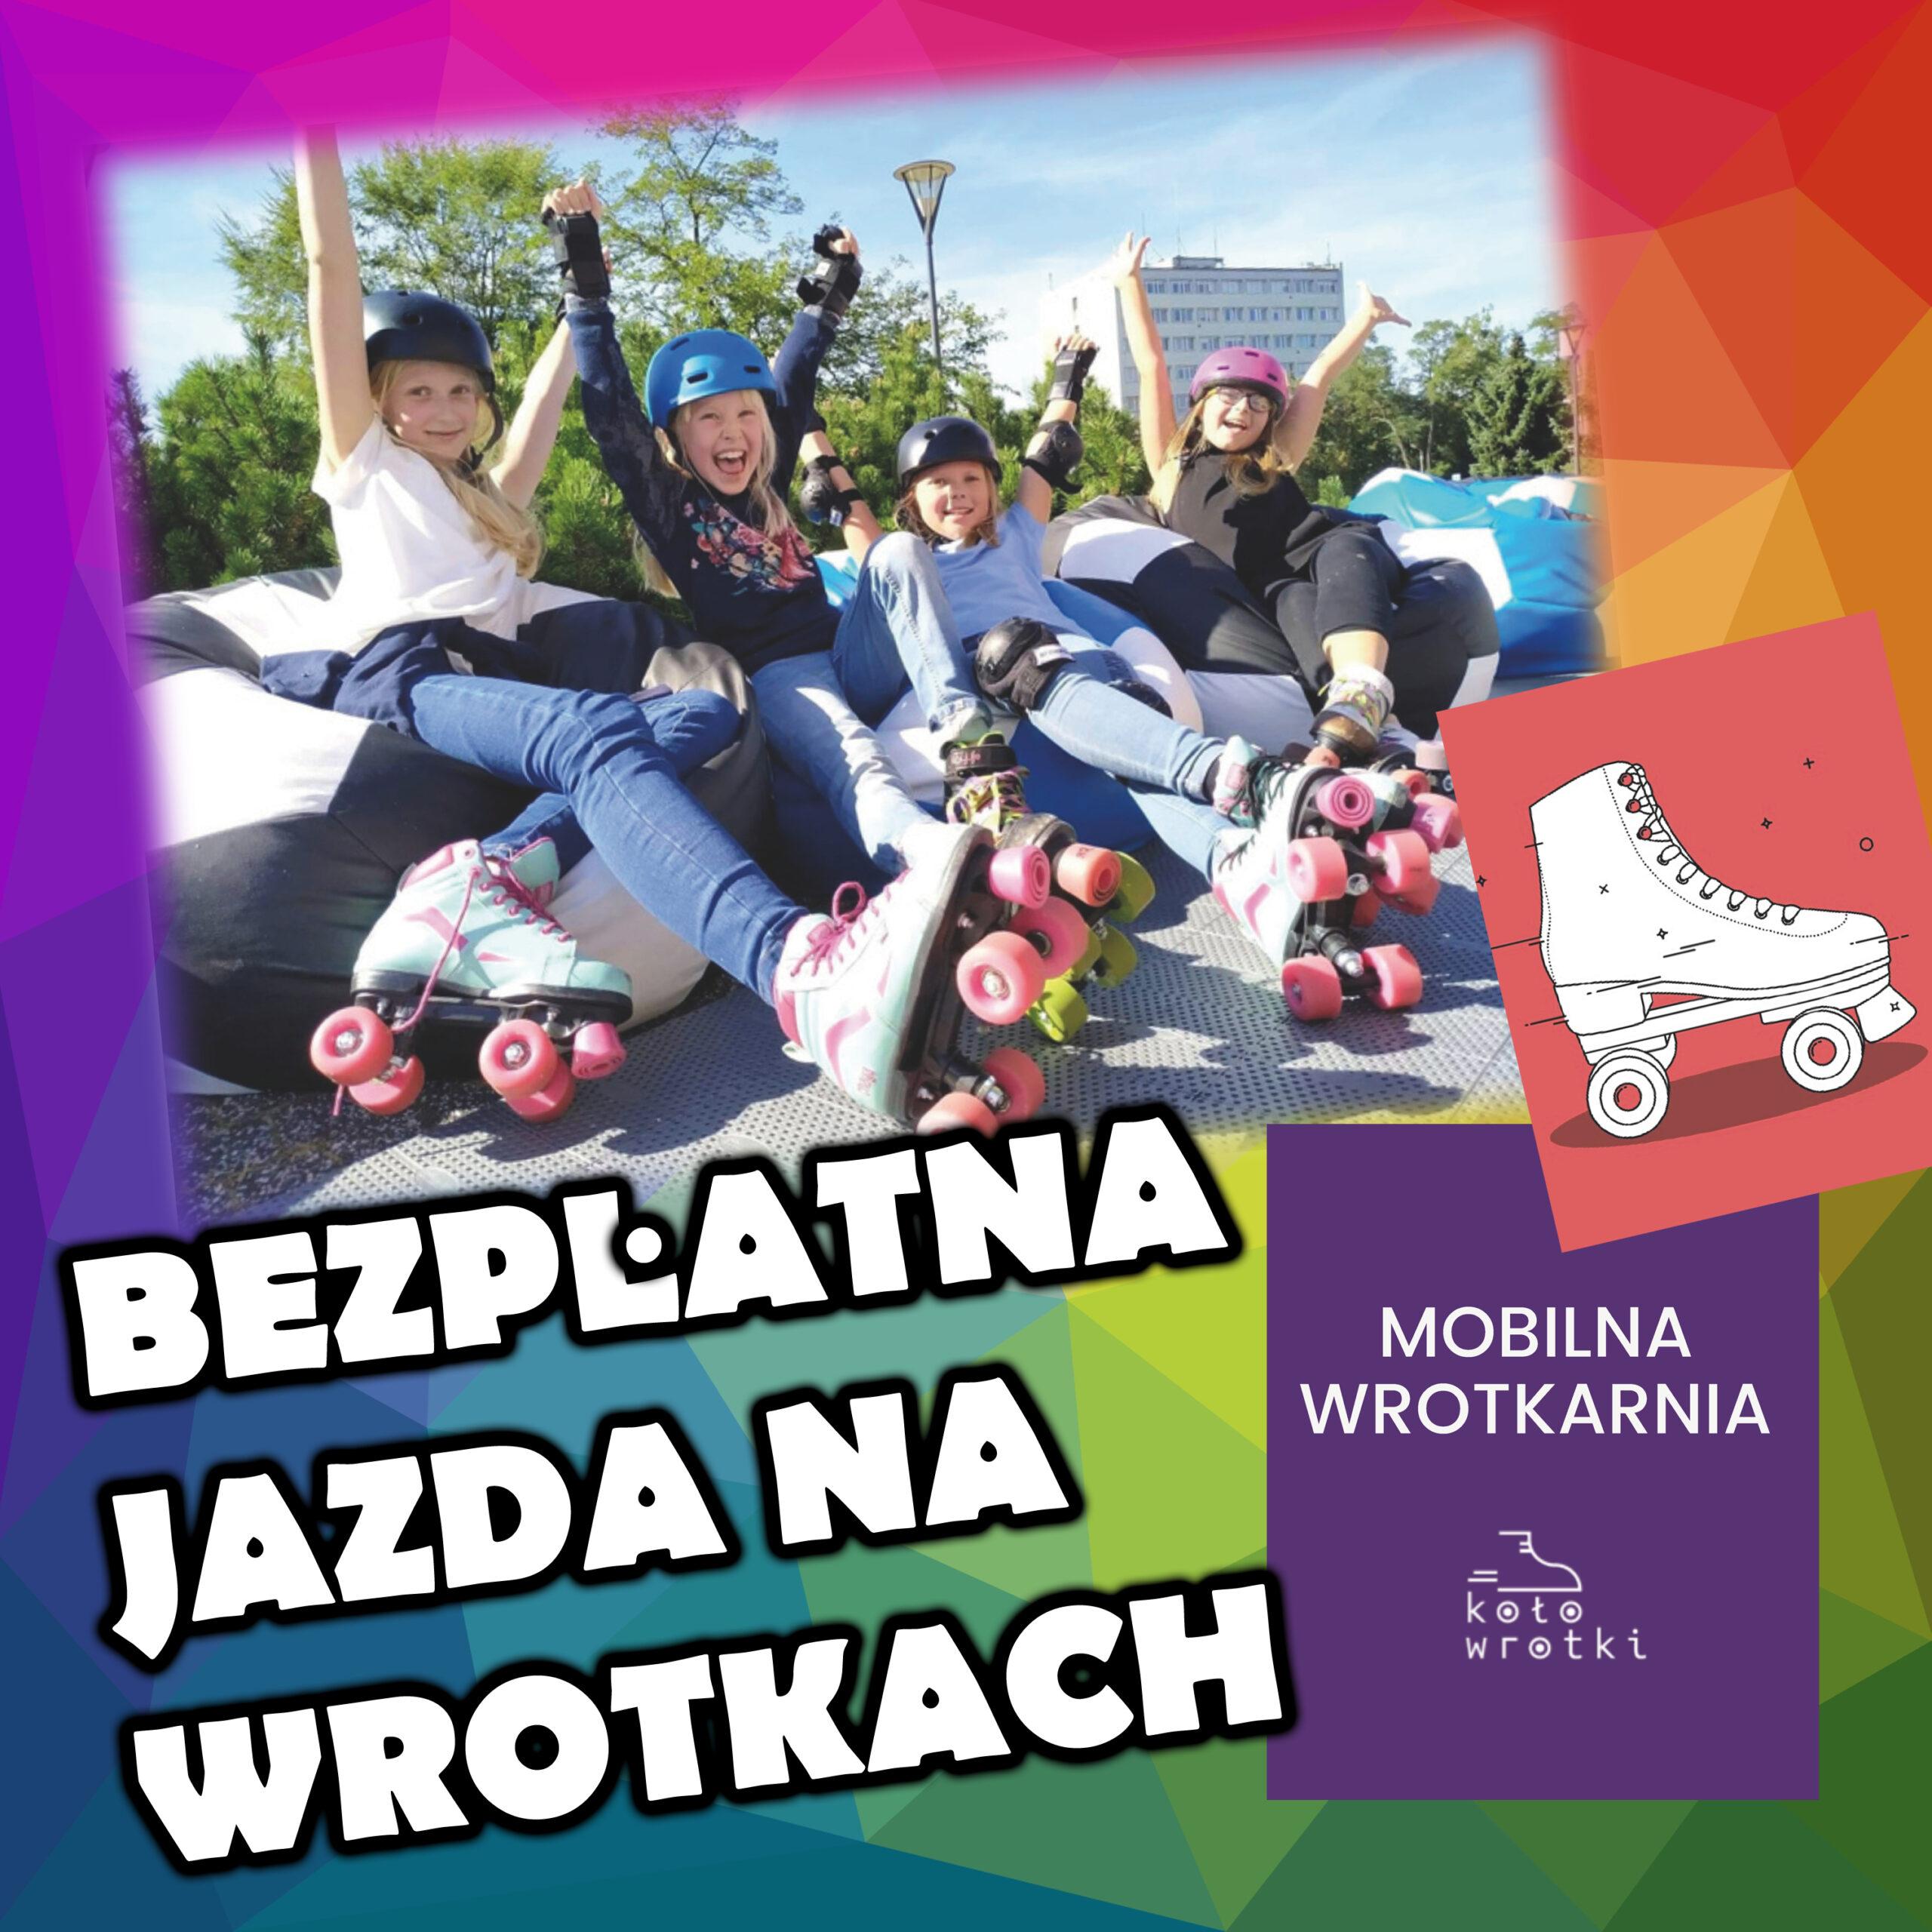 Grafika promująca wydarzenie Zakręcony weekend w Aleksandrowie Łódzkim